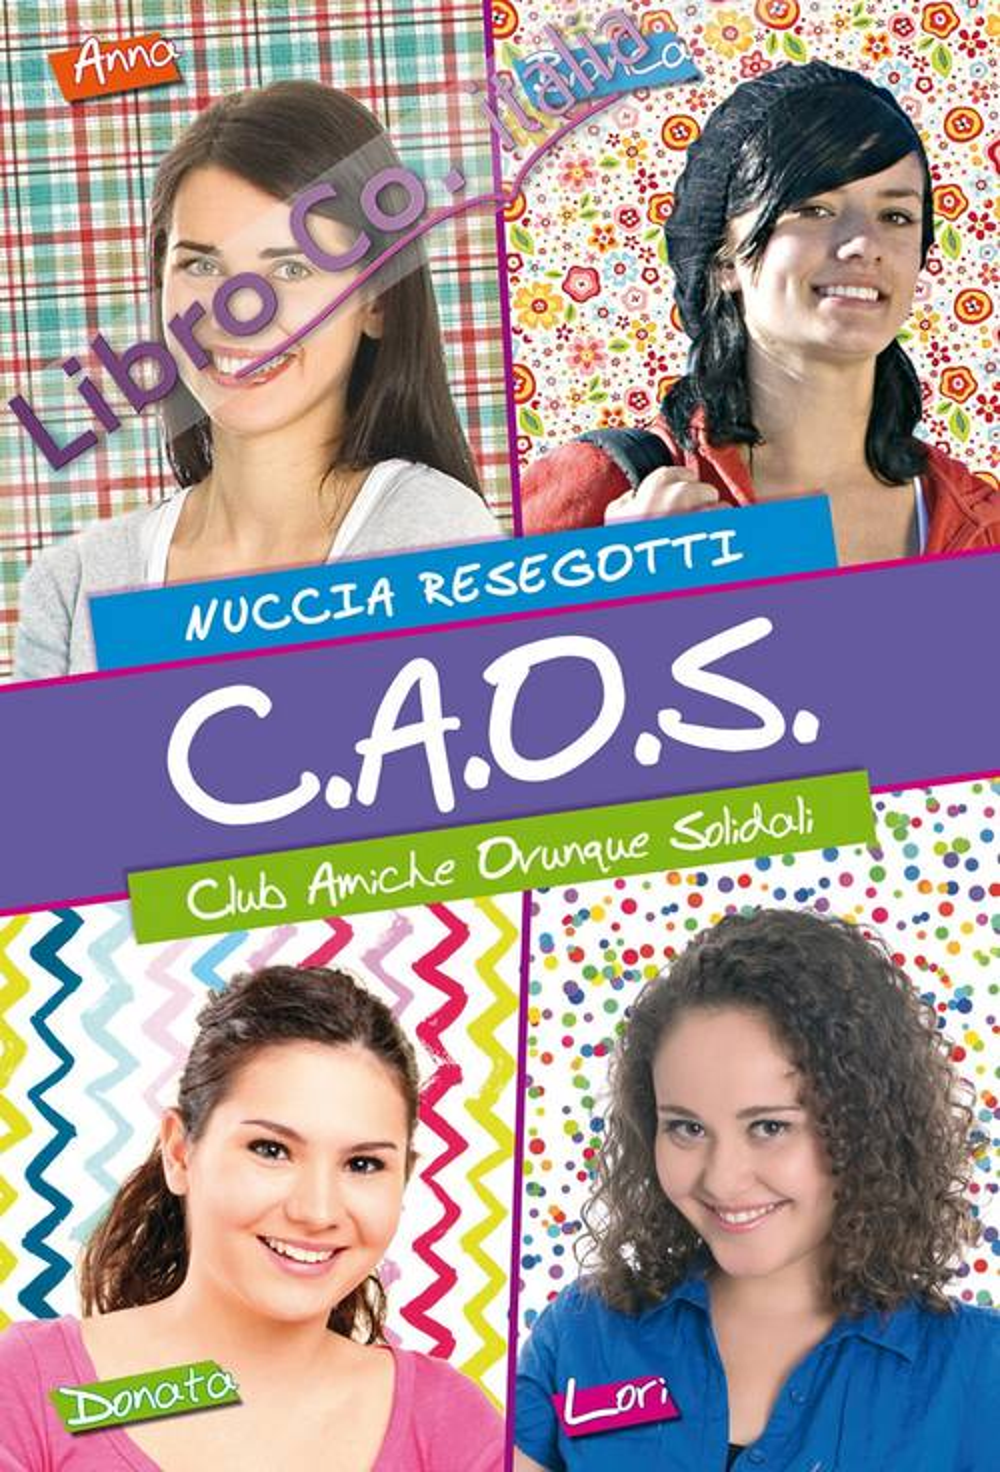 C.A.O.S. Club amiche ovunque solidali